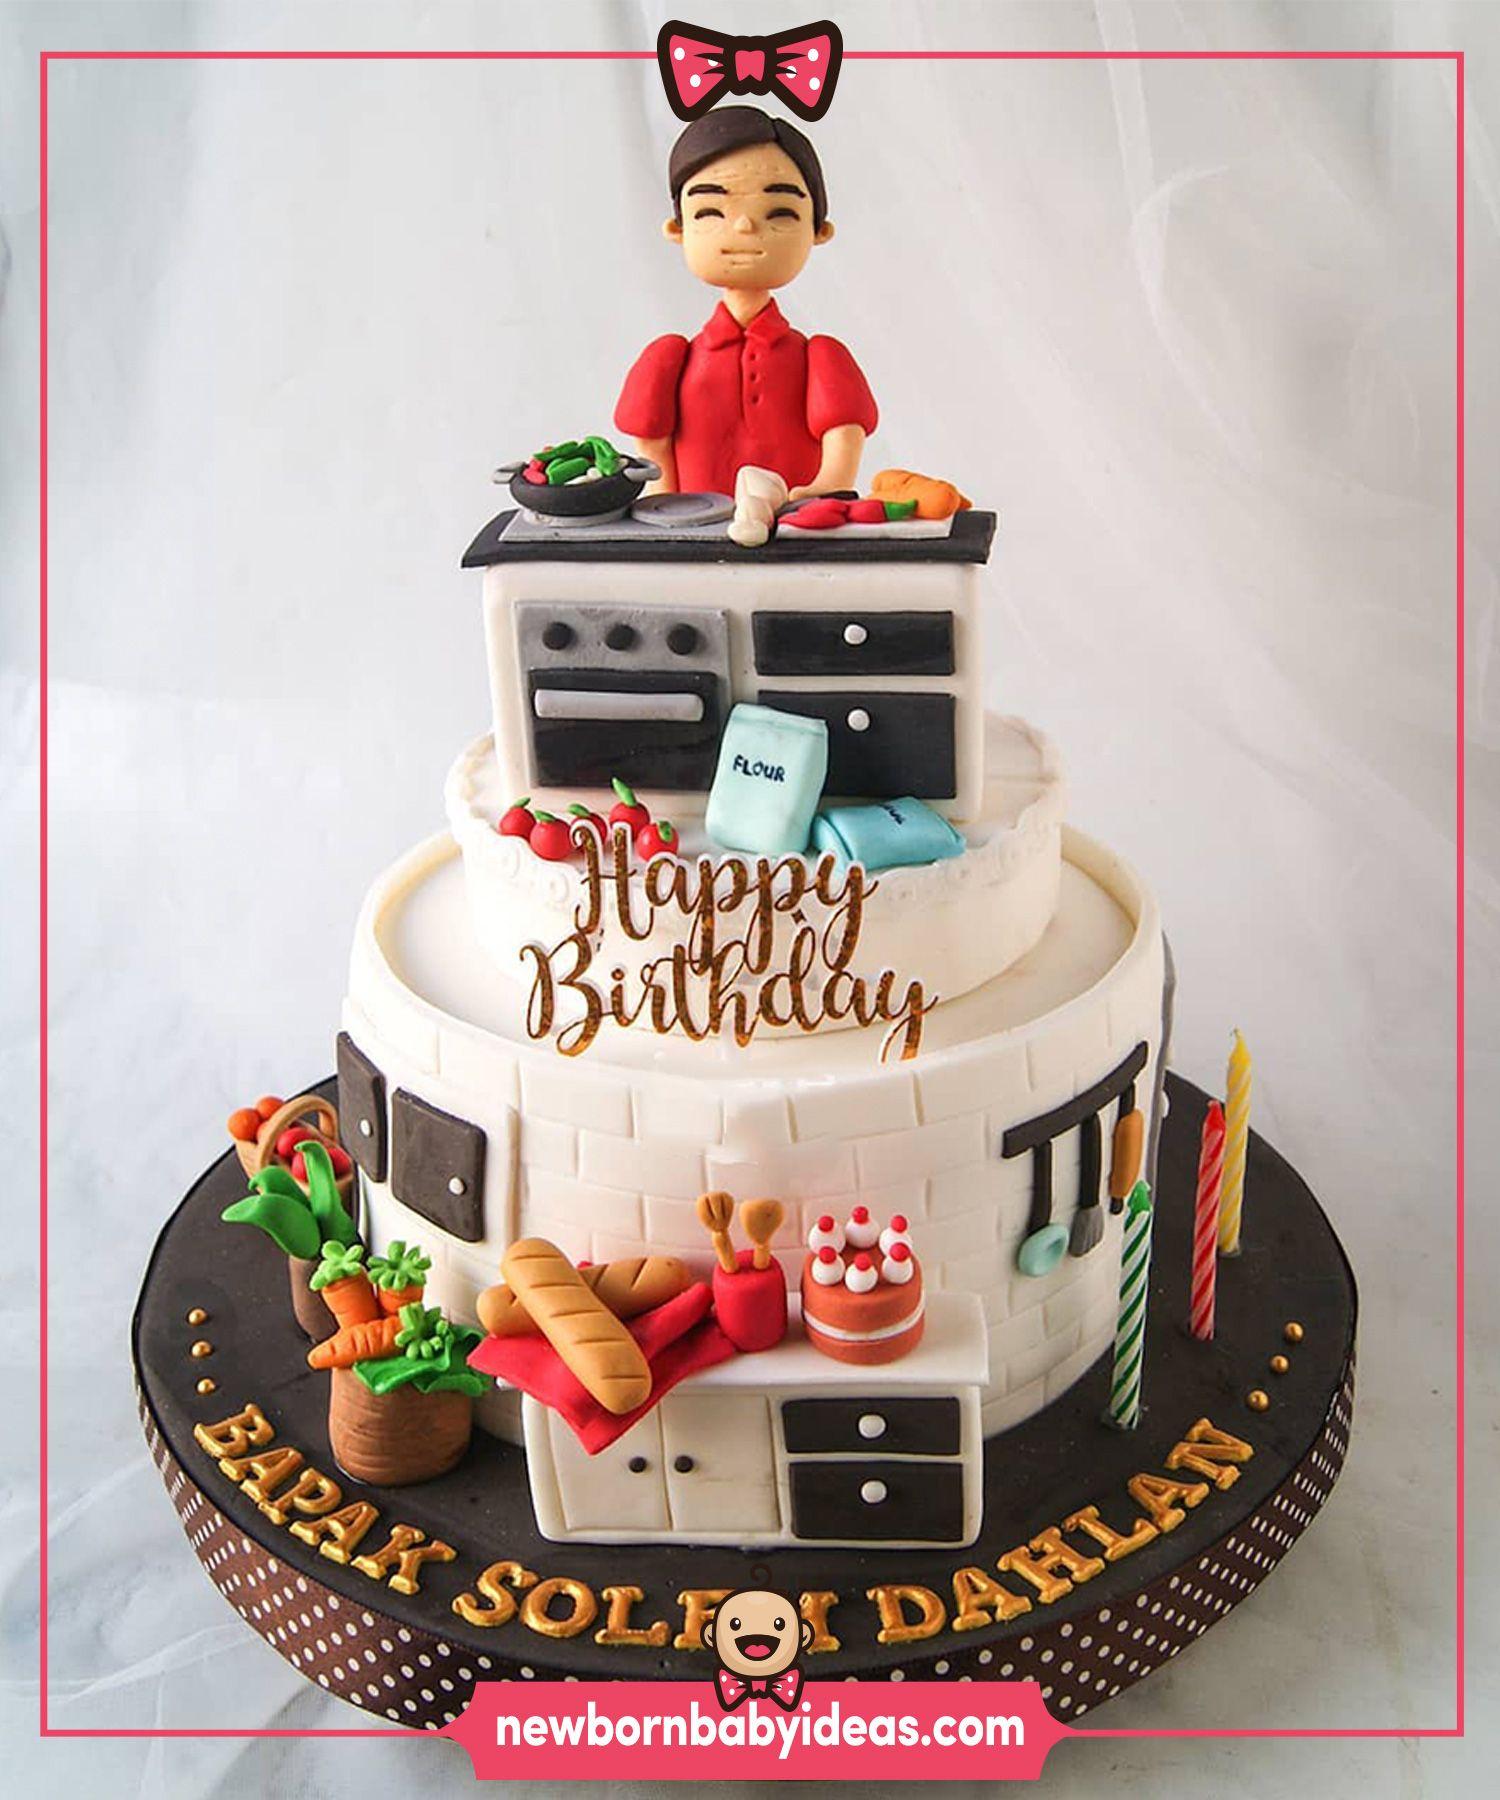 kitchen utensils cake design Sugar dough birthday cake. Cook, Red dress women, kitchen utensils